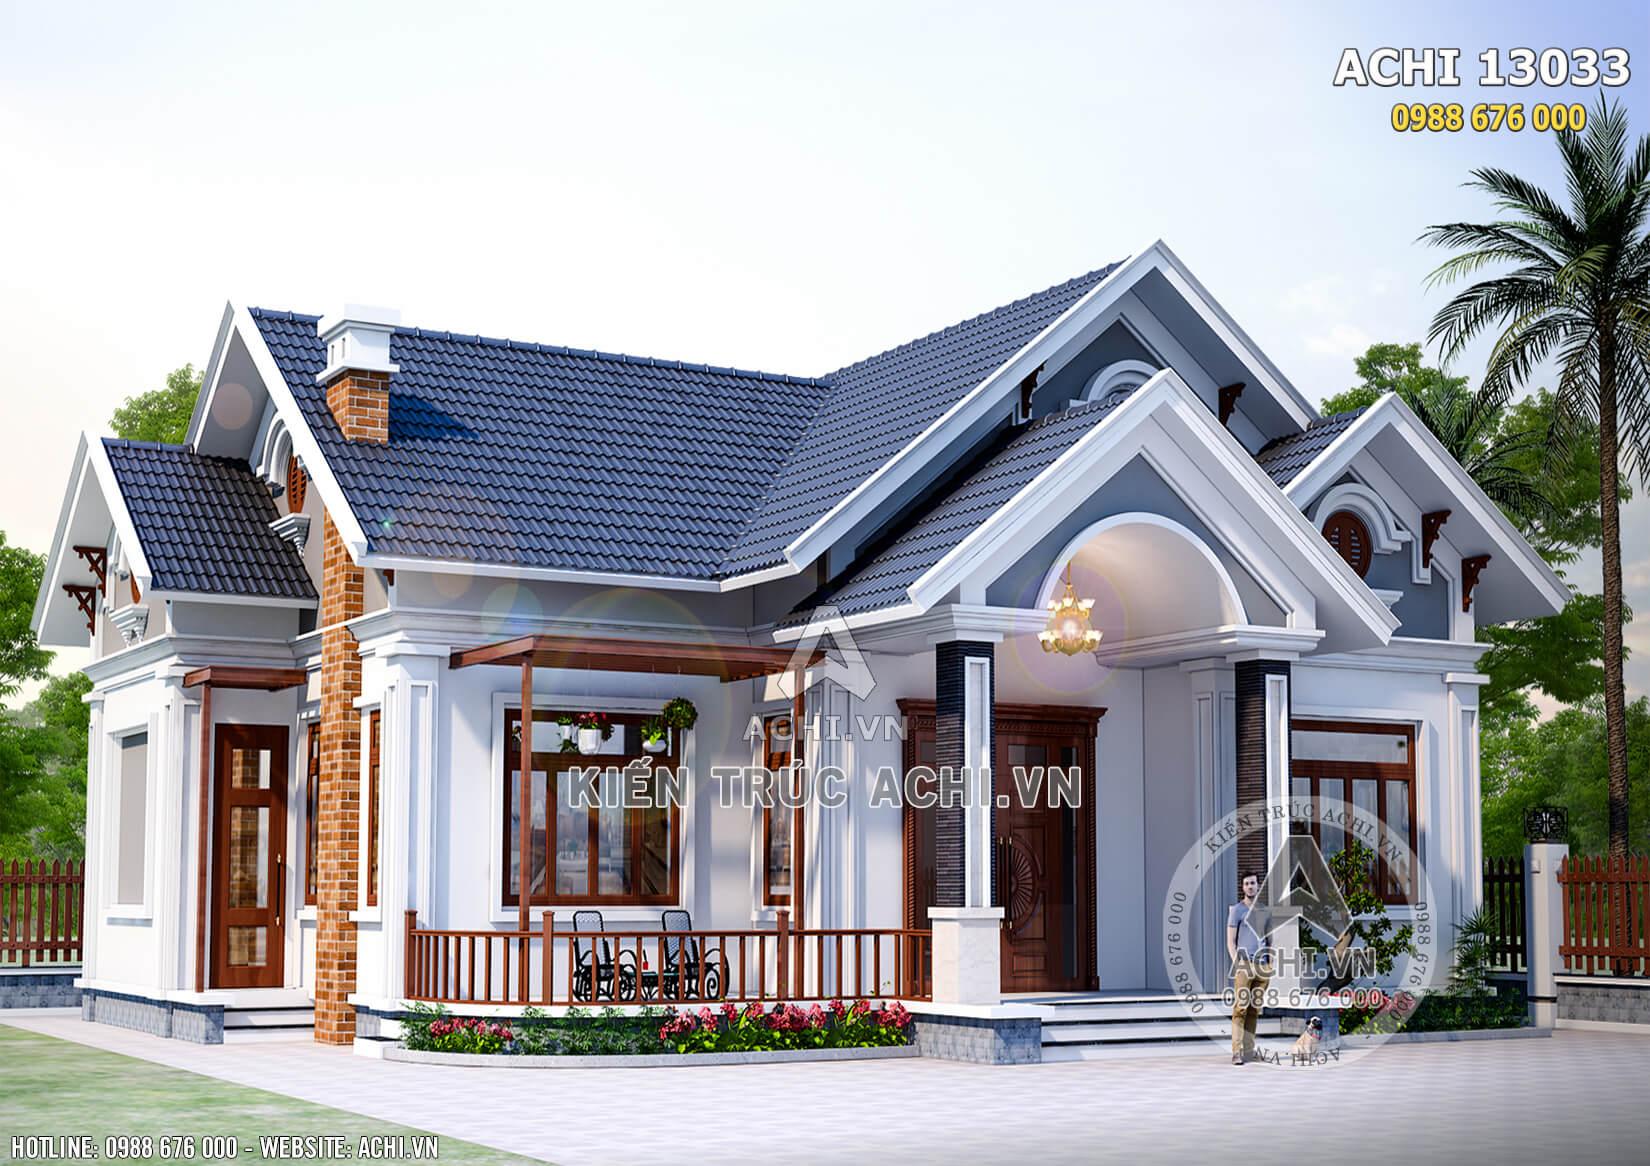 Phối cảnh ngoại thất tổng thể của mẫu nhà vườn 1 tầng mái Thái đẹp tại Phú Thọ